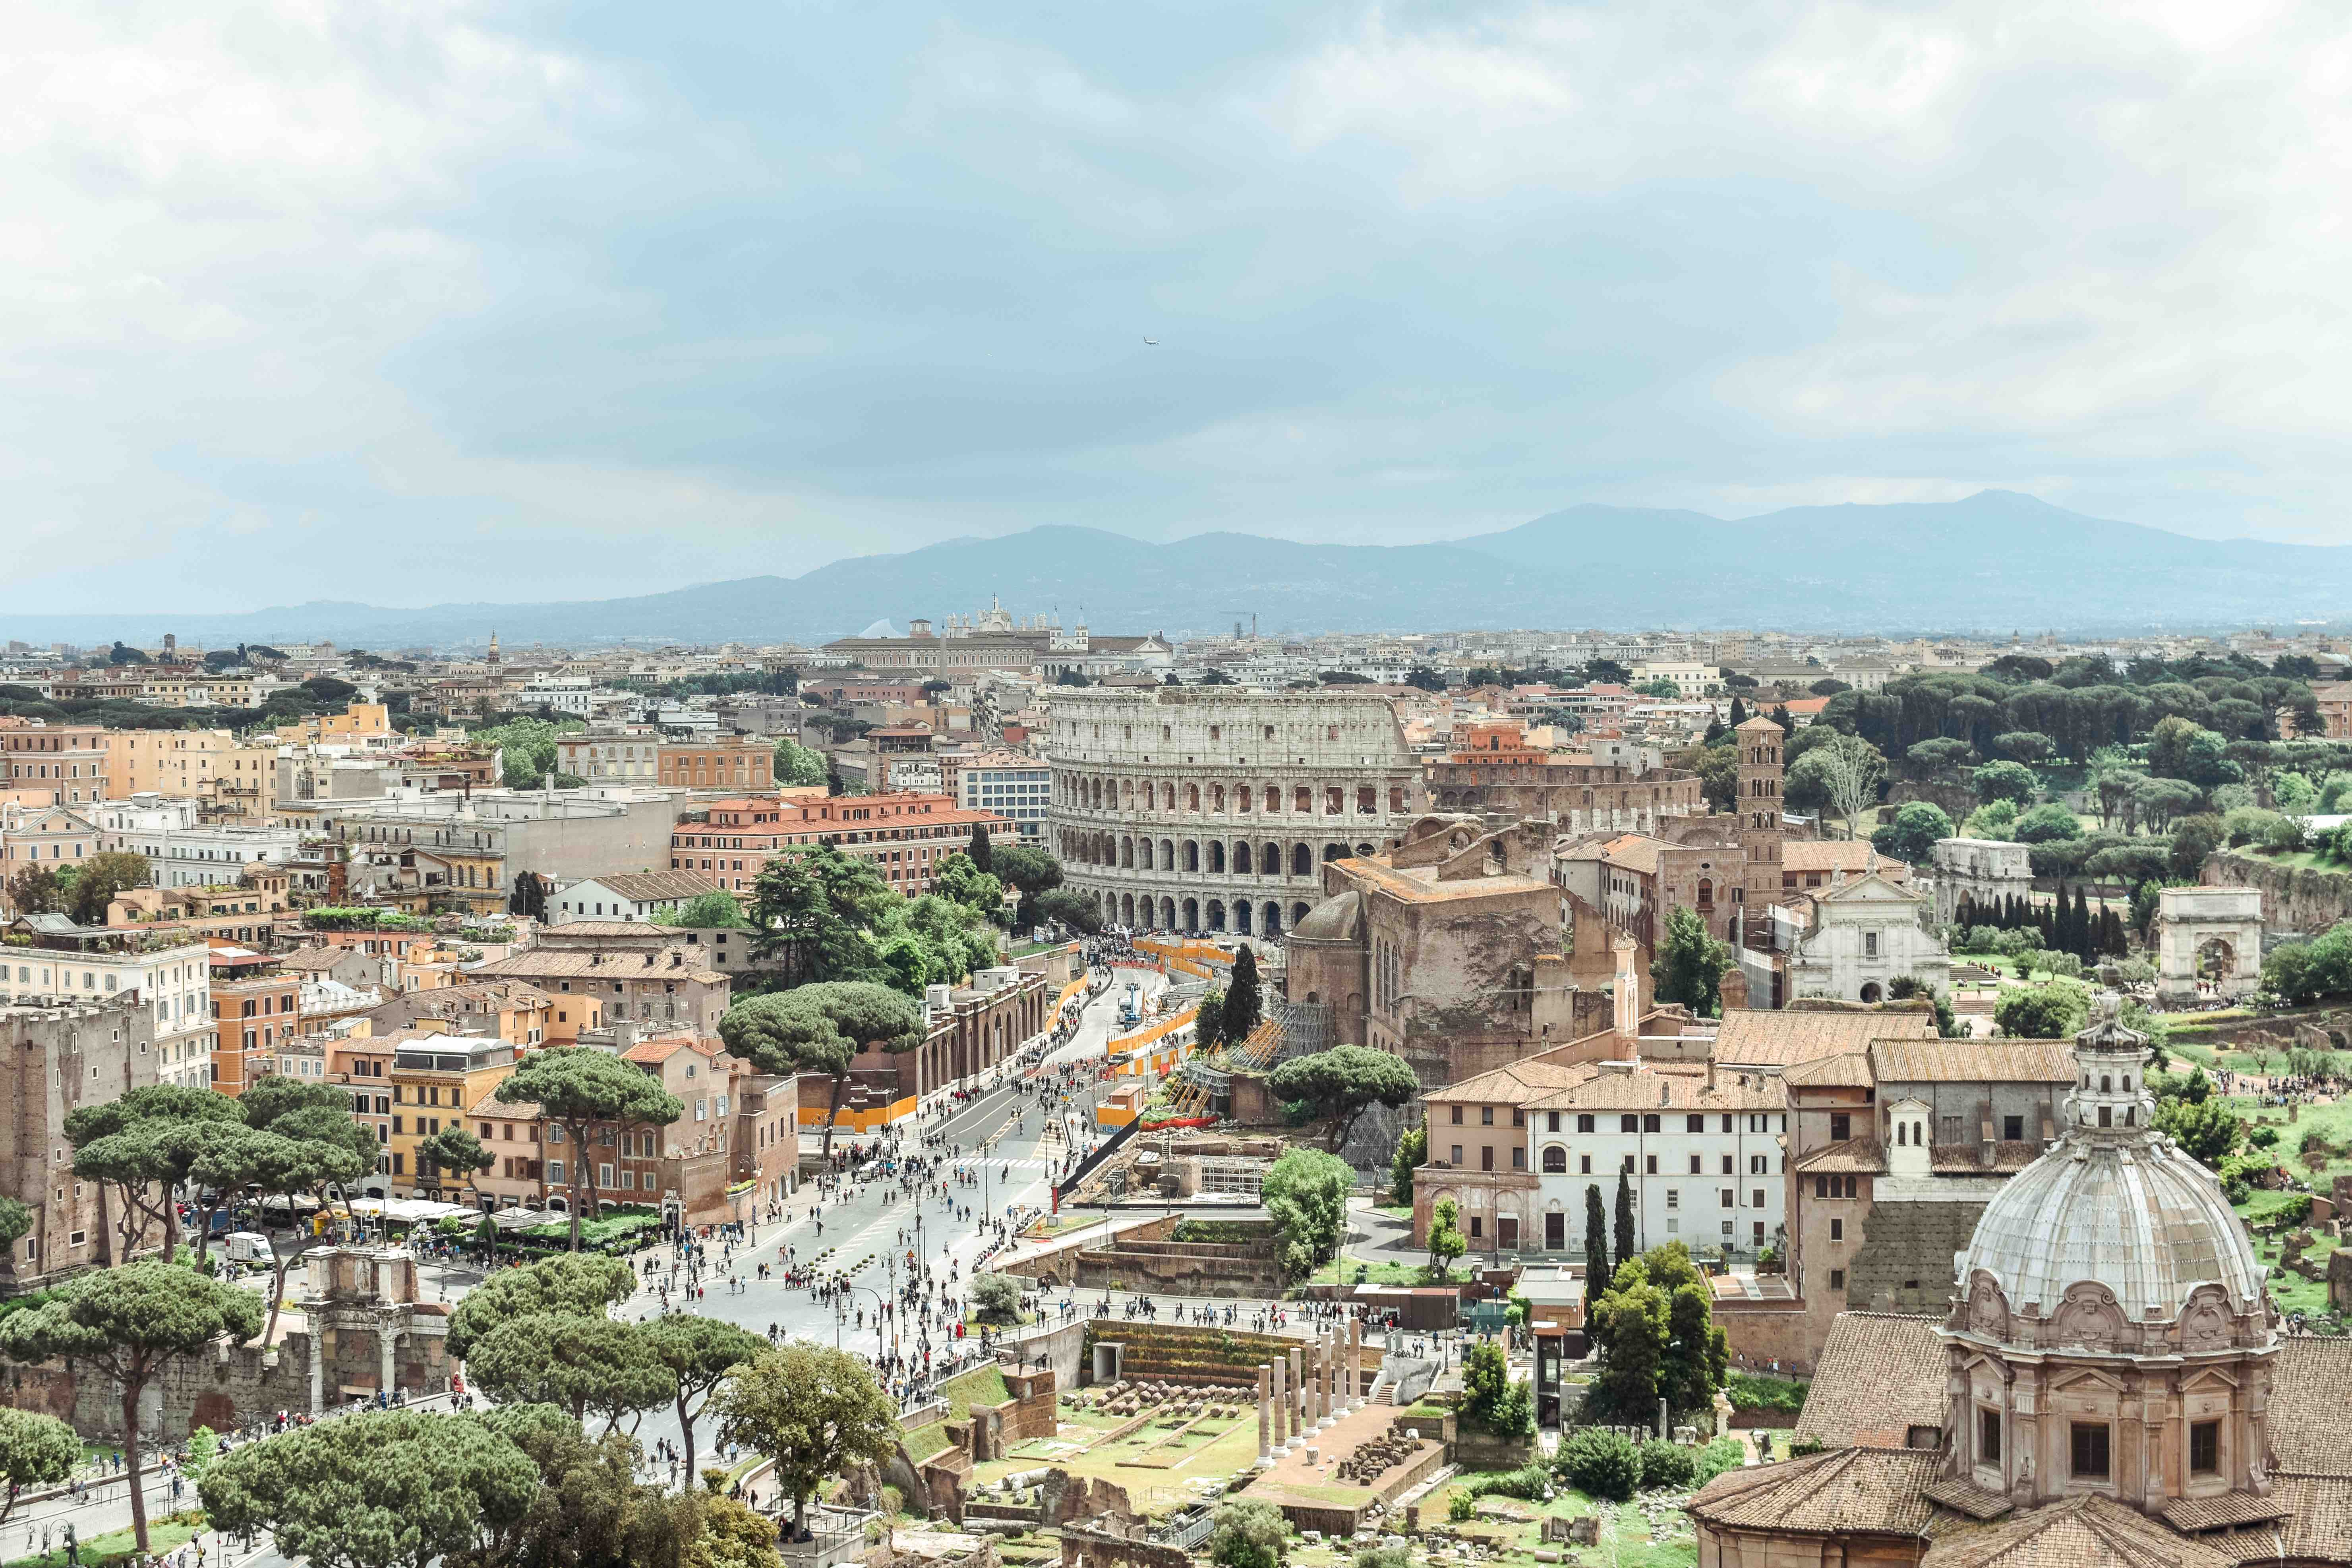 Spending money in Rome. Altare della Patria